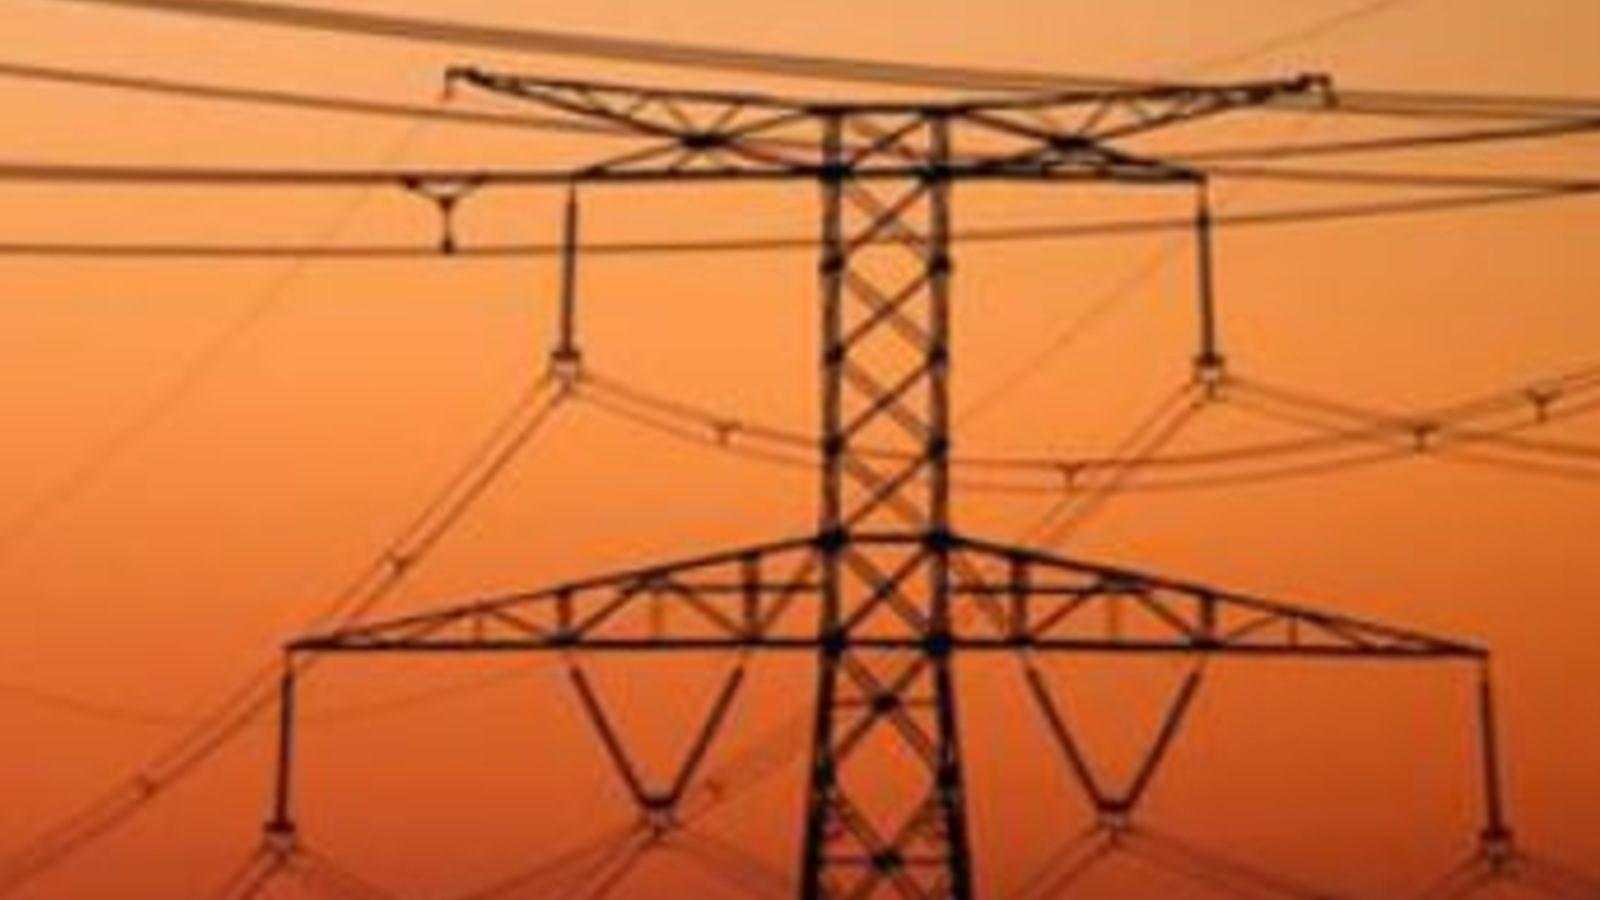 MP : 45000 आउटसोर्स बिजली कर्मचारी हड़ताल पर, मांग पूरी होने पर ही काम पर लौटेंगे